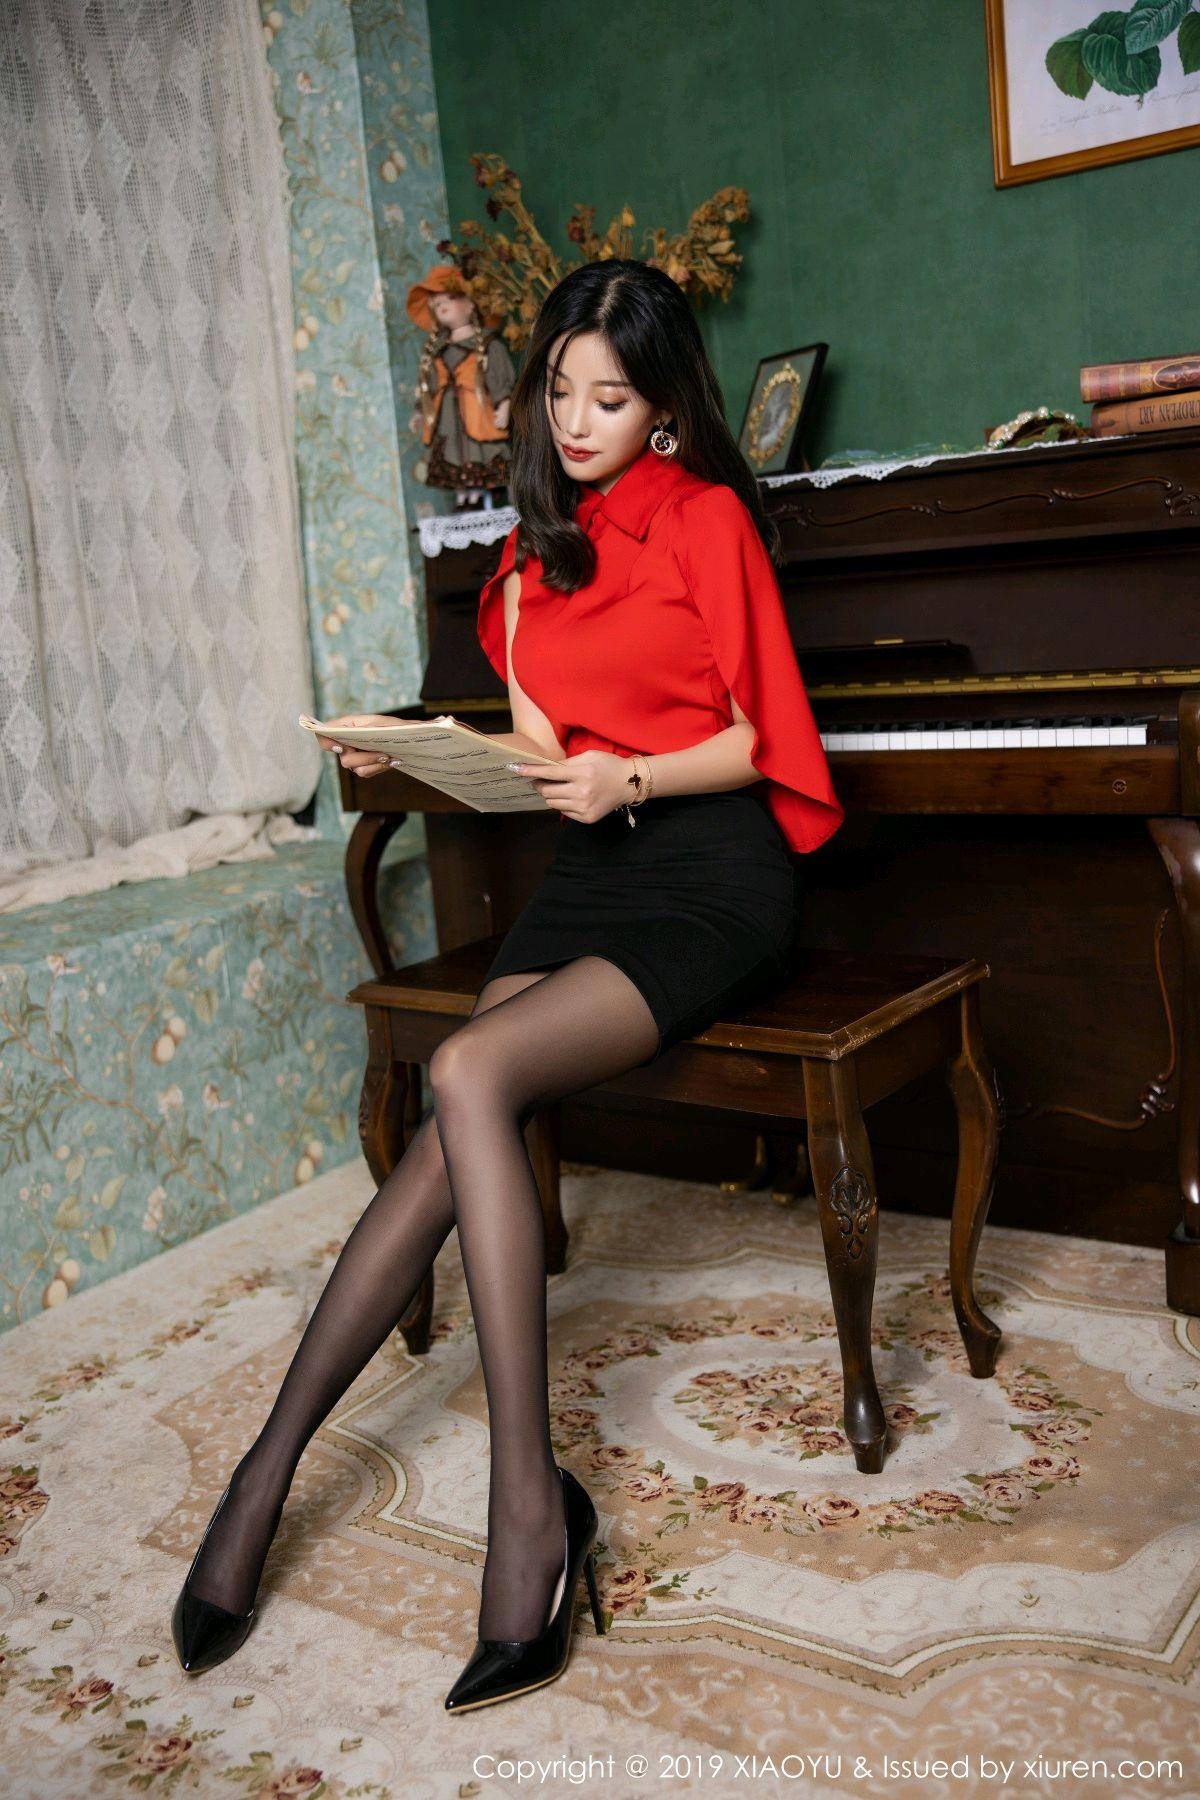 [XiaoYu] Vol.119 Yang Chen Chen 4P, Black Silk, Tall, Temperament, XiaoYu, Yang Chen Chen